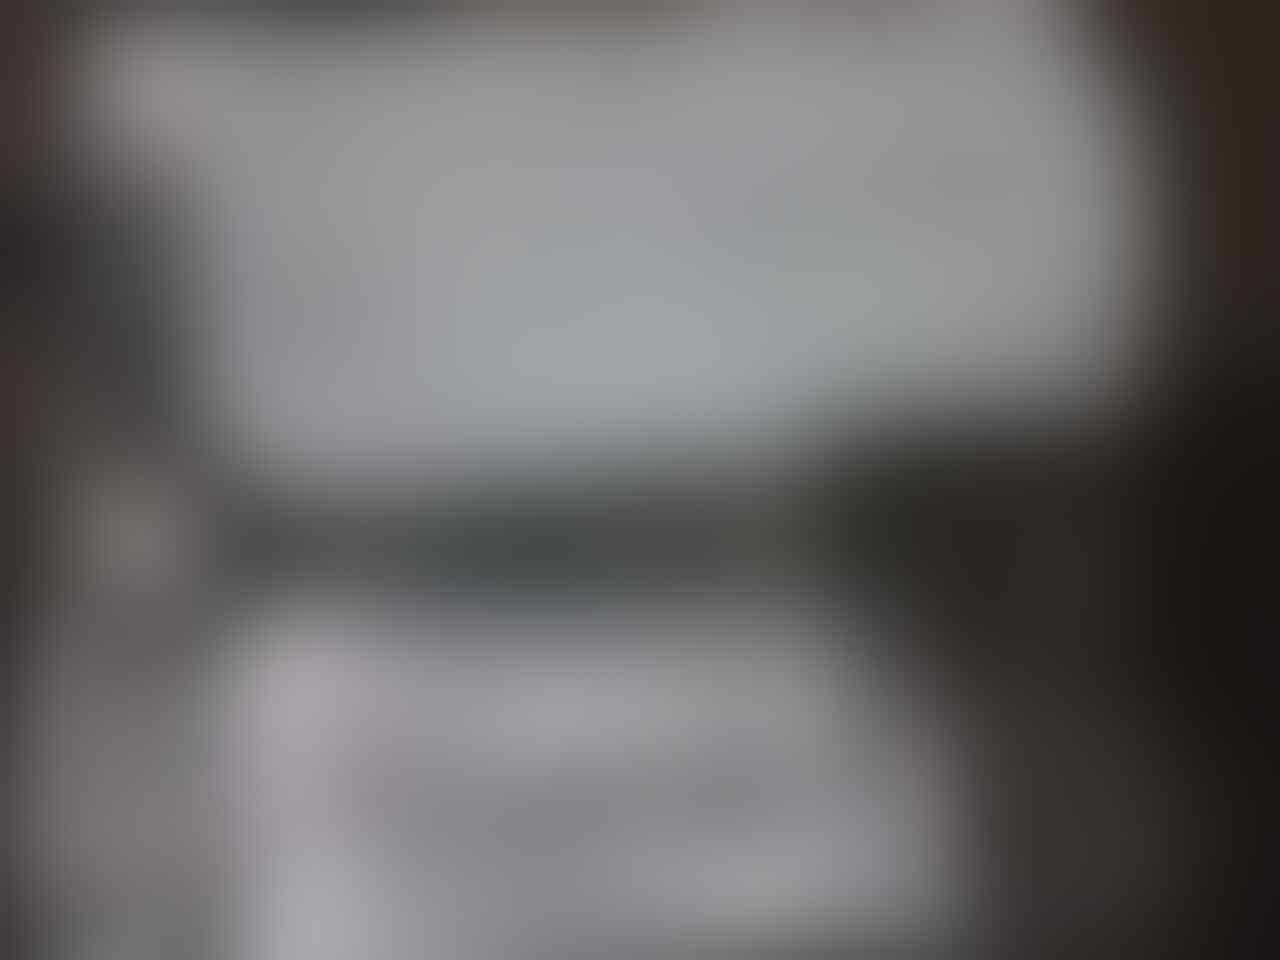 Testimonial Enflammer: Obral Gadget / 60 Detik / Piput / Selagi Ada